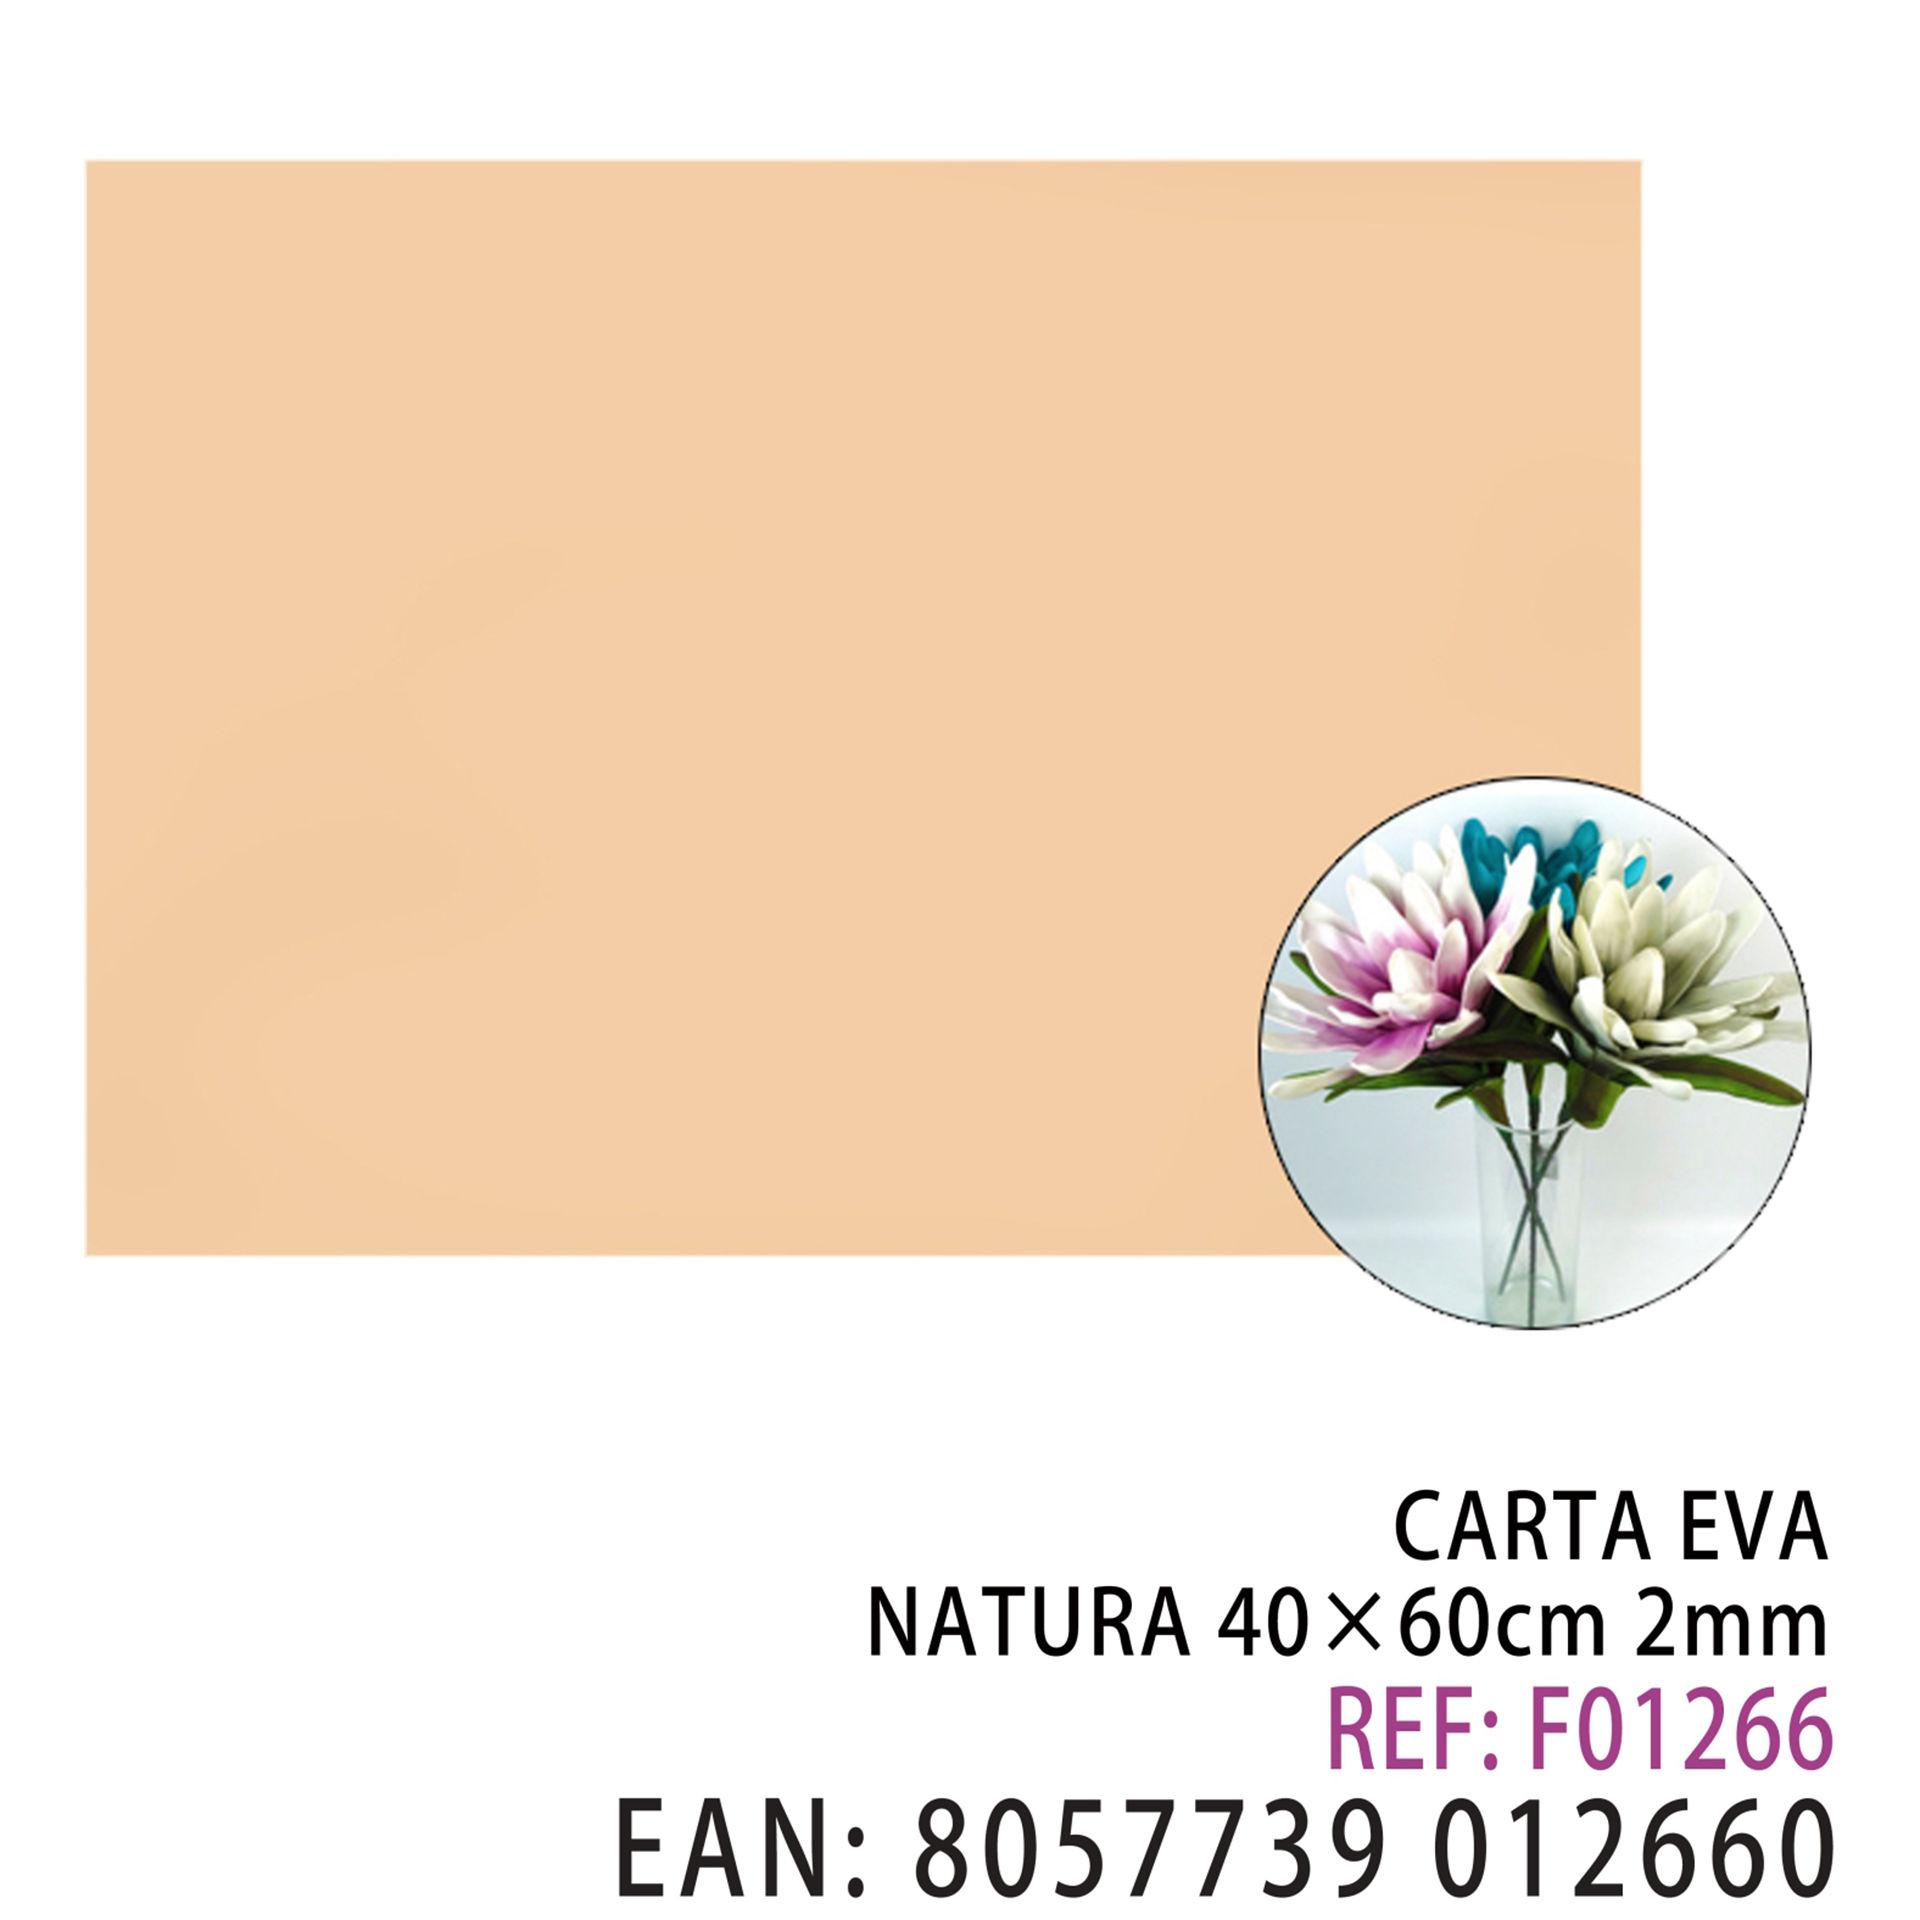 EVA NATURA 40 X 60 CMDz